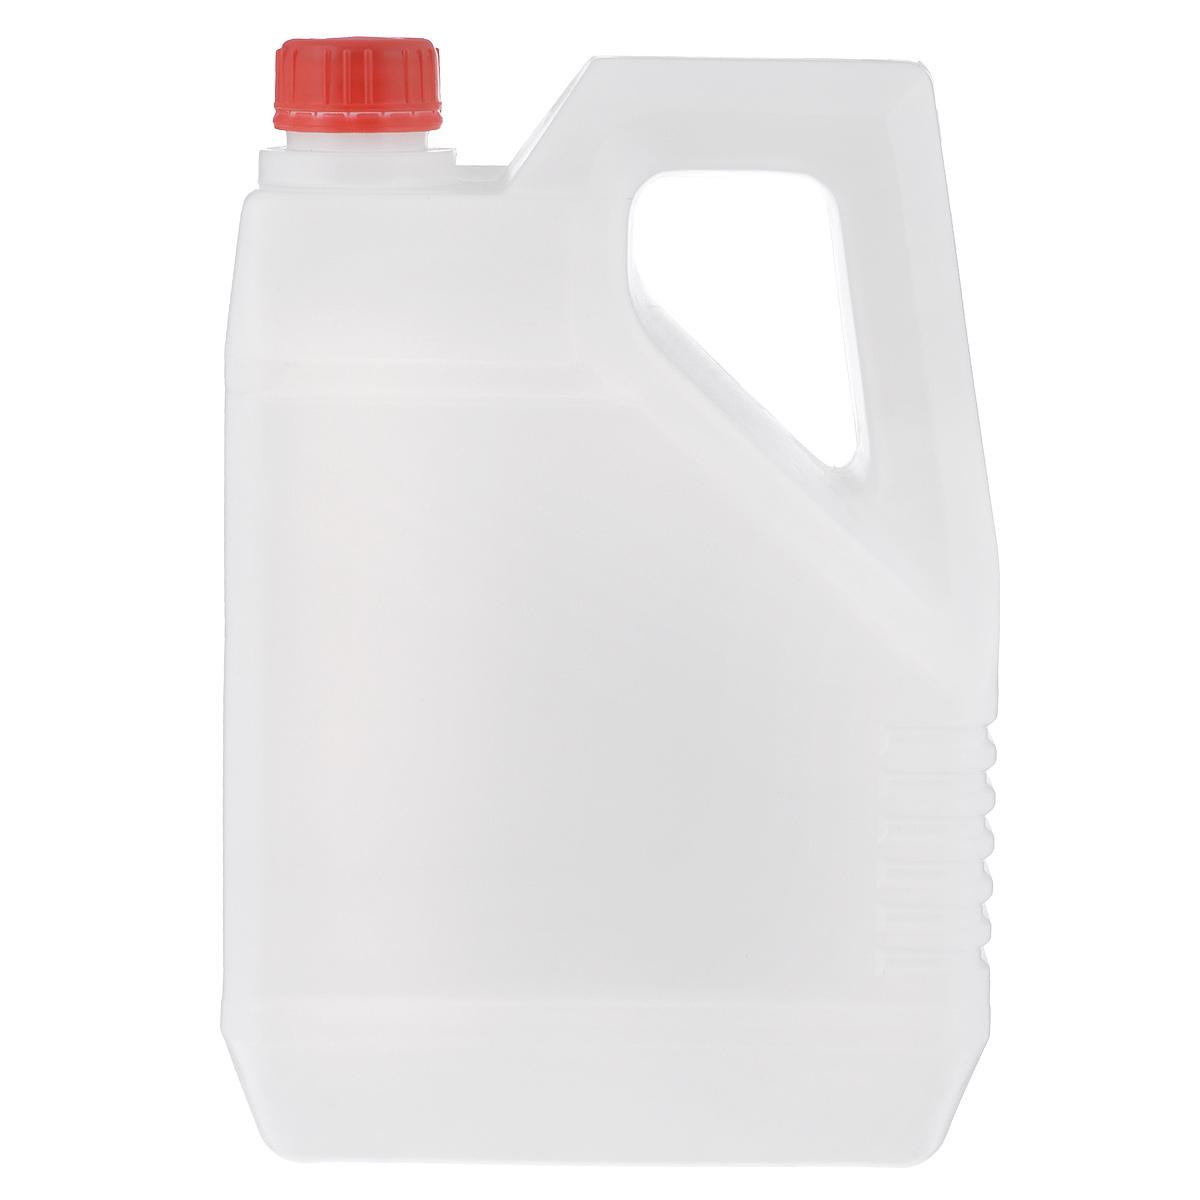 Канистра Европроект, 3 лК03Канистра Европроект на 3 литра, изготовленная из прочного пластика, несомненно, пригодится вам во время путешествия. Предназначена для переноски и хранения различных жидкостей.